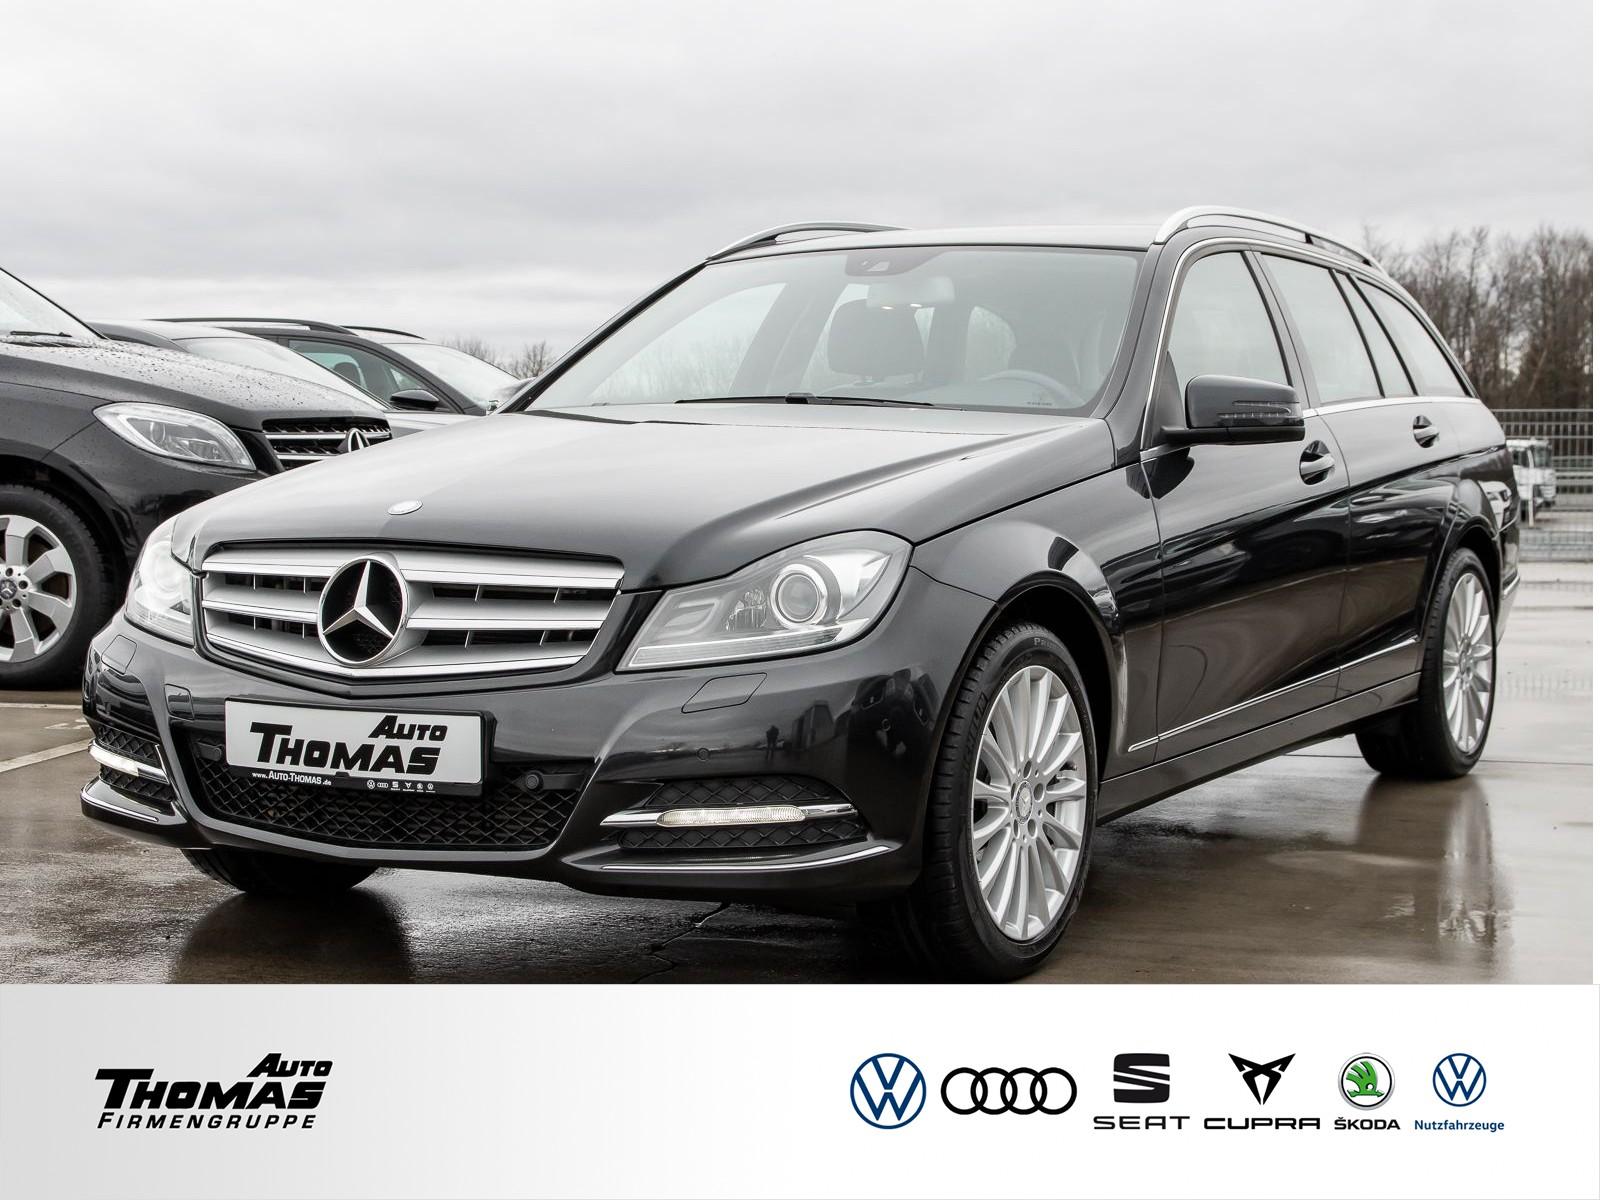 """Mercedes-Benz C 180 T """"Avantgarde"""" XENON+PDC+SHZ+AHK, Jahr 2013, petrol"""